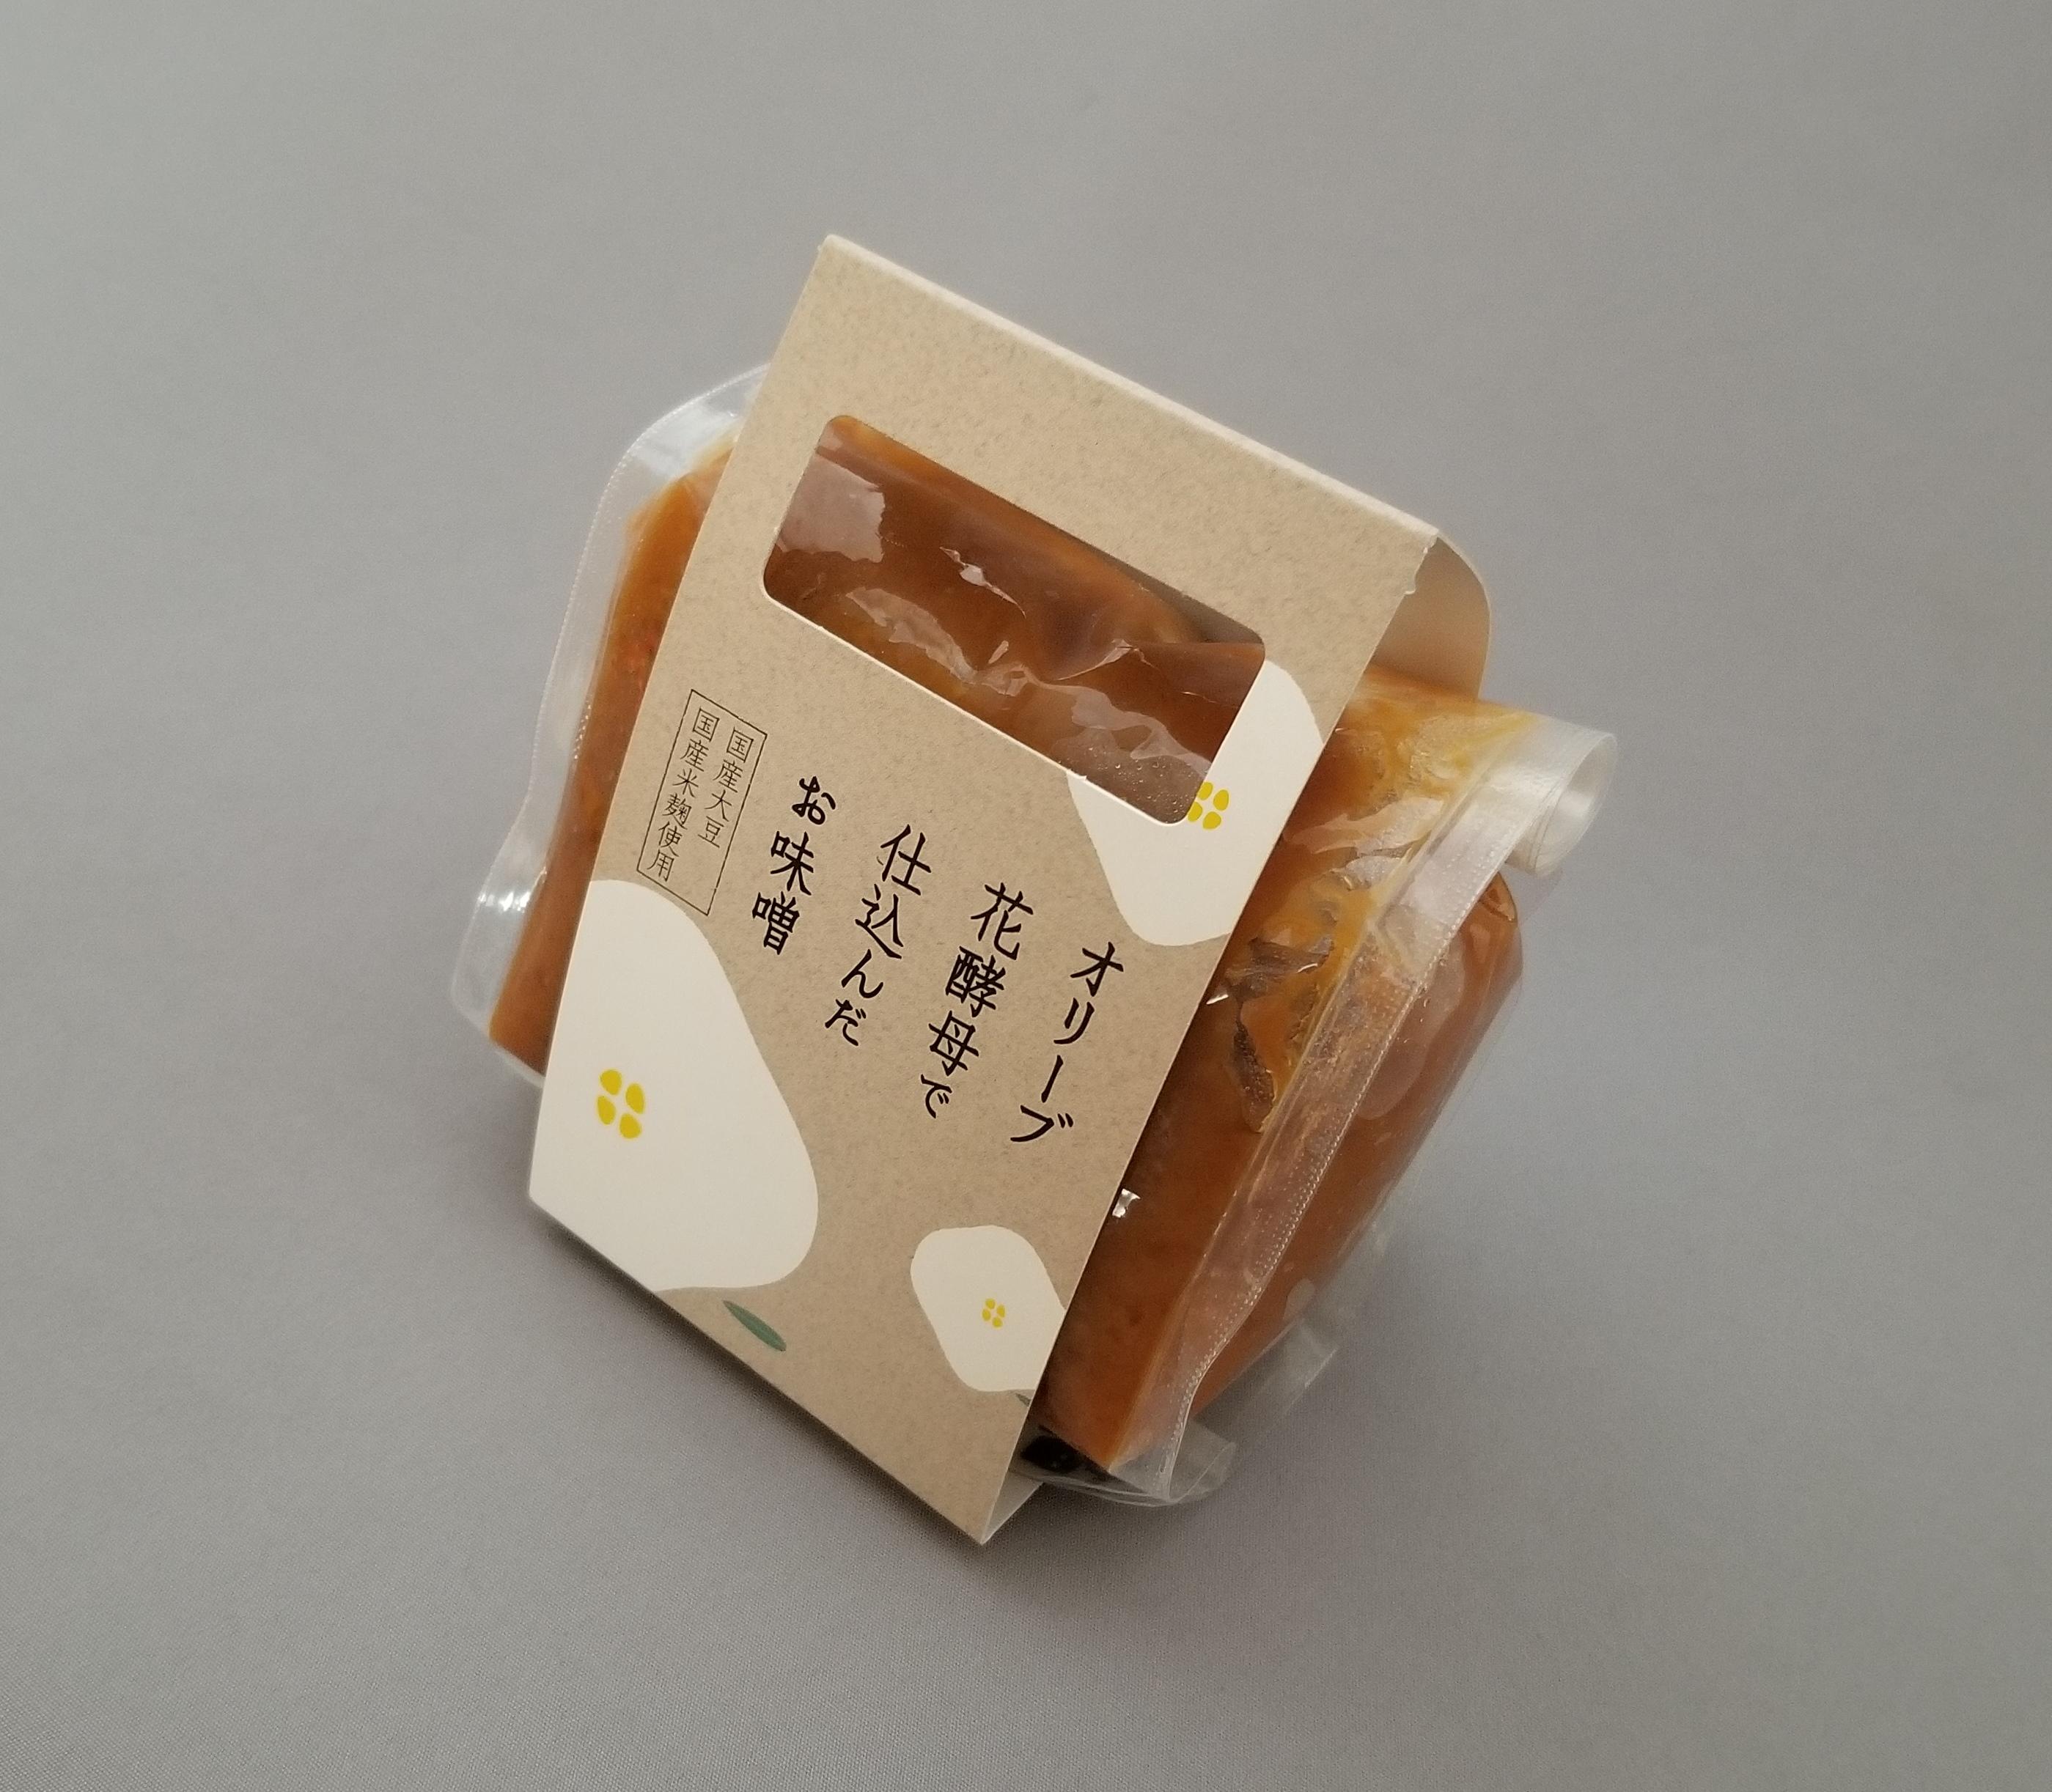 オリーブ花酵母で仕込んだお味噌(白) 300g